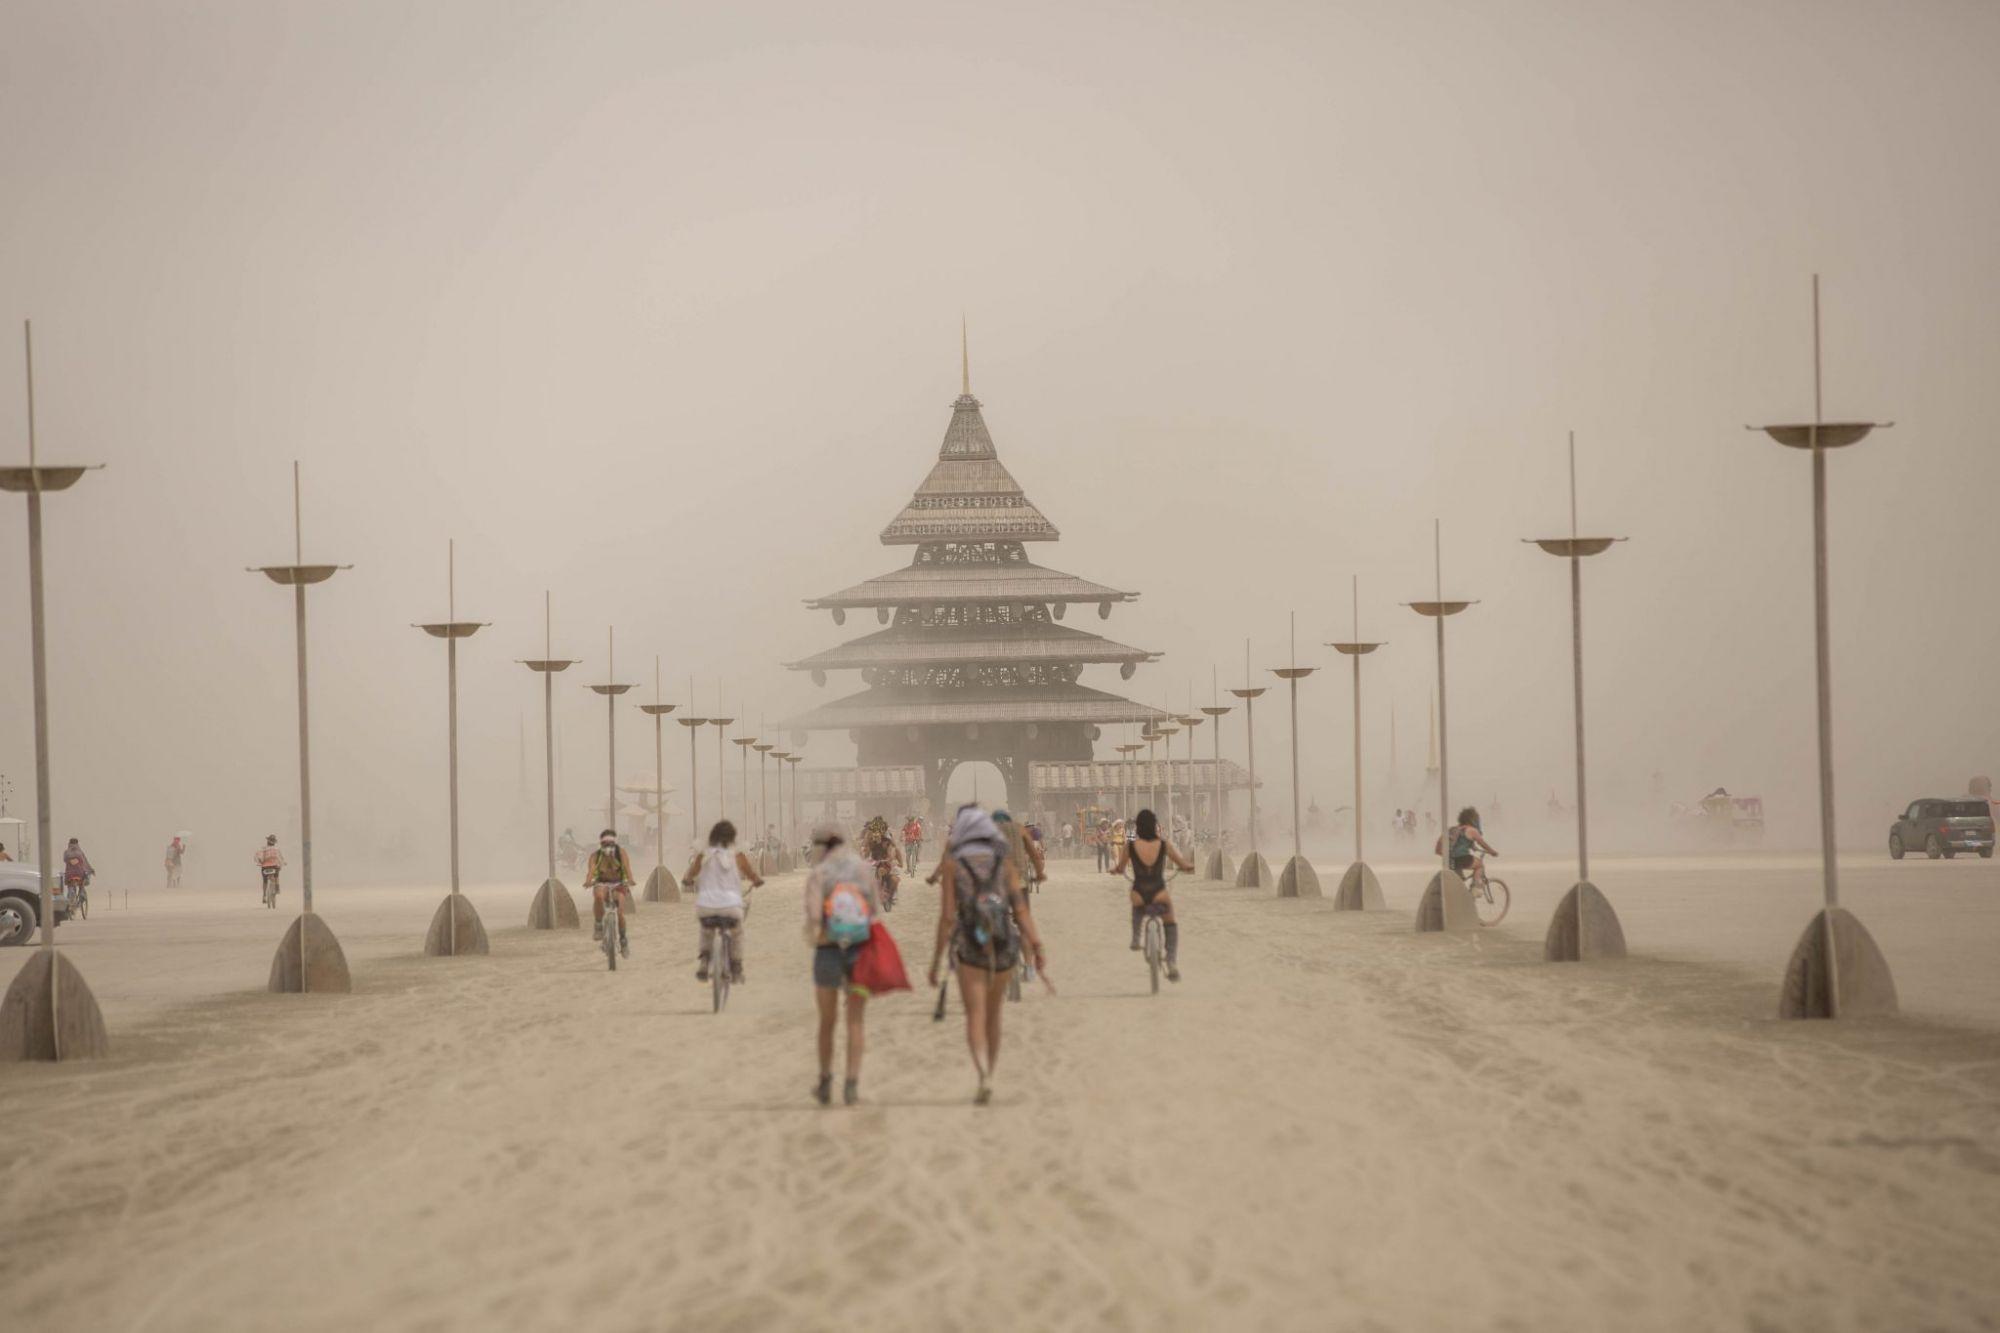 השביל המאובק בדרך אל מקדש ברנינגמן (צילום: תומר פרץ המוכשר)